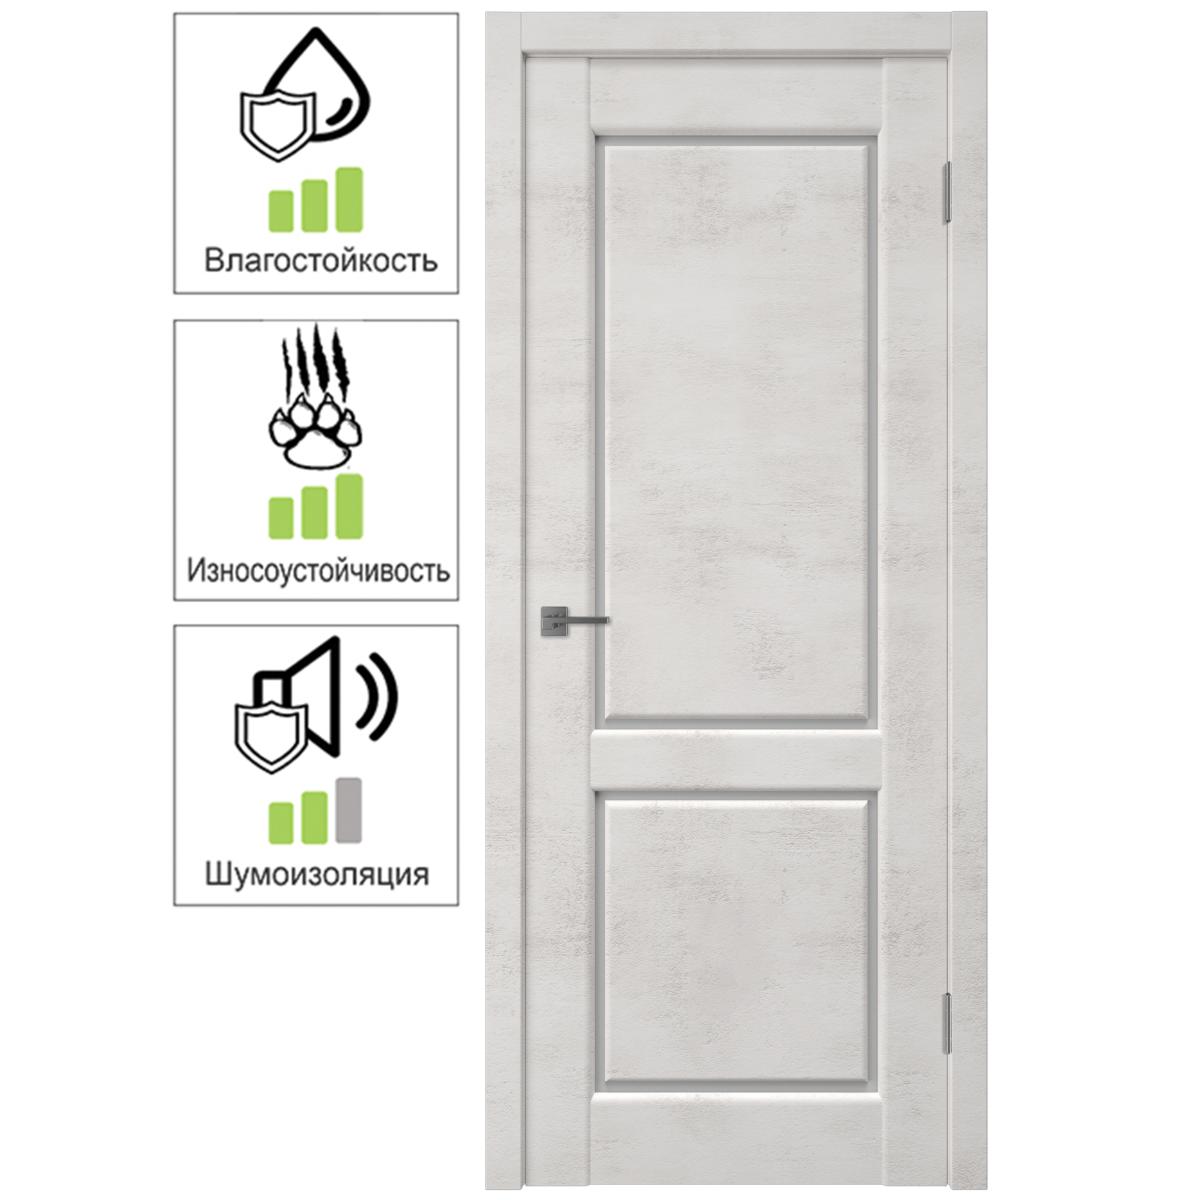 Дверь Межкомнатная Остеклённая Манхэттен 2 С Фурнитурой 70Х200 Пвх Цвет Лофт Крем